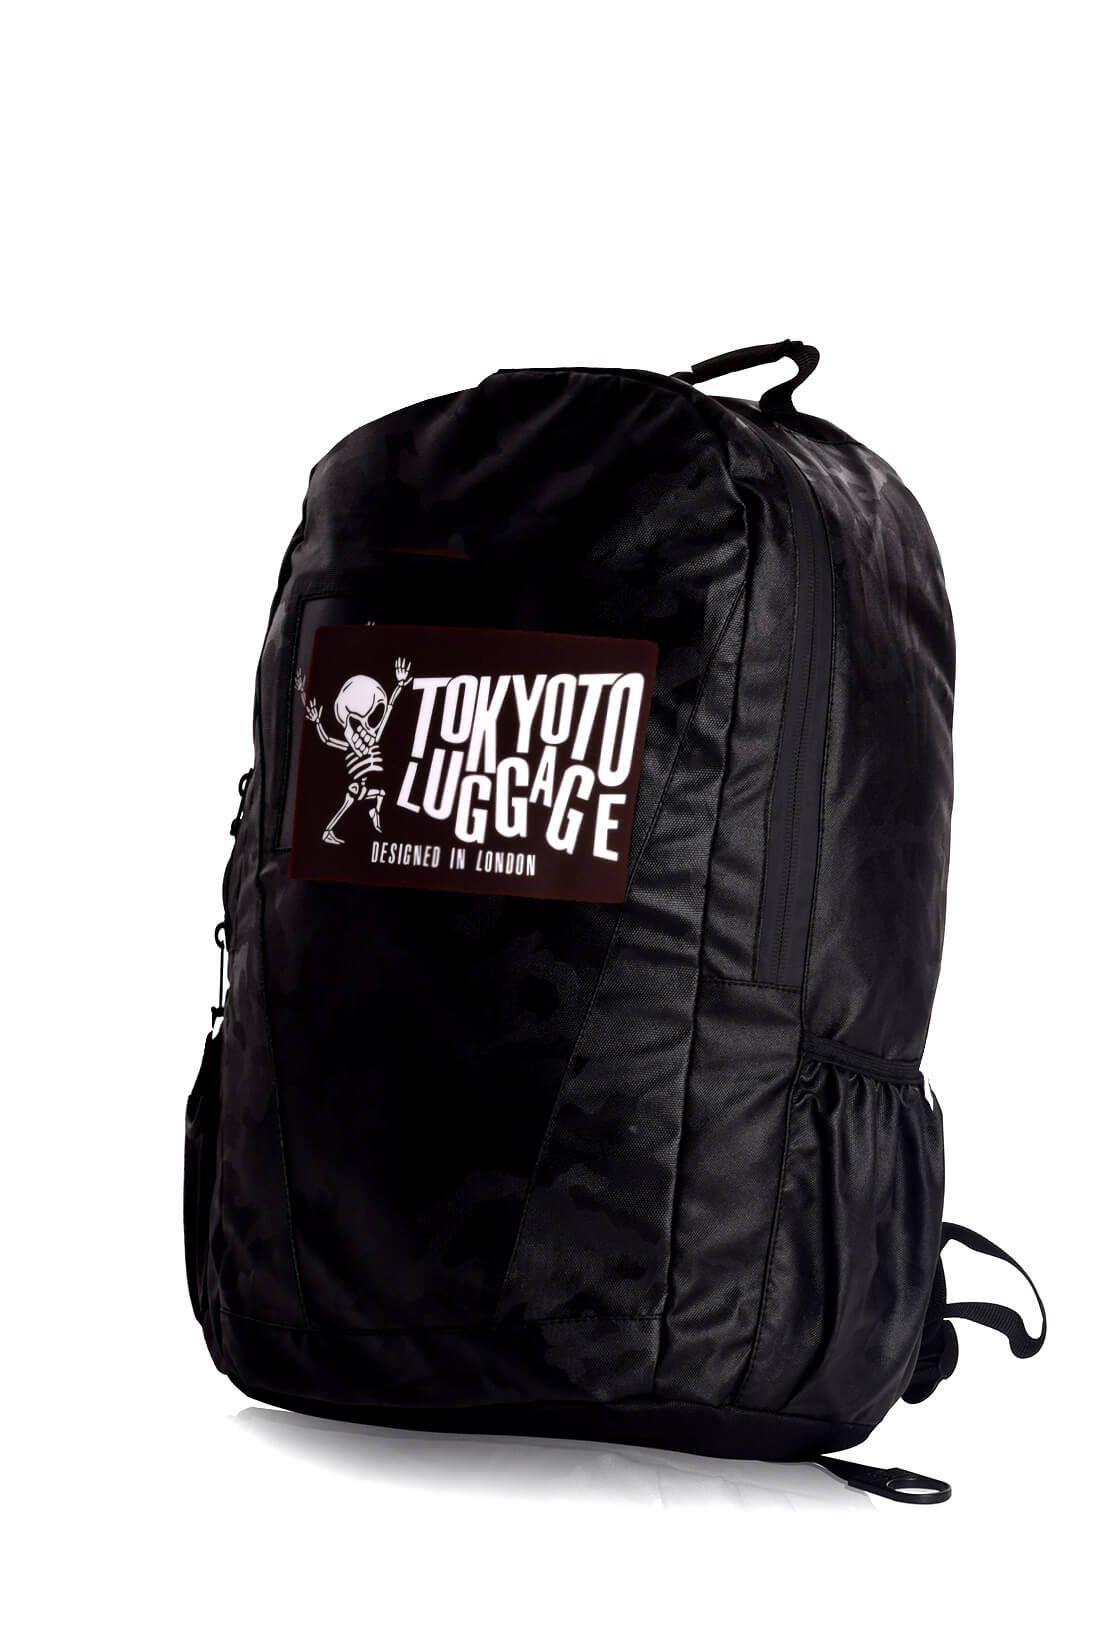 rucksaecke mit led licht tokyoto-luggage CAMOUFLAGE 3